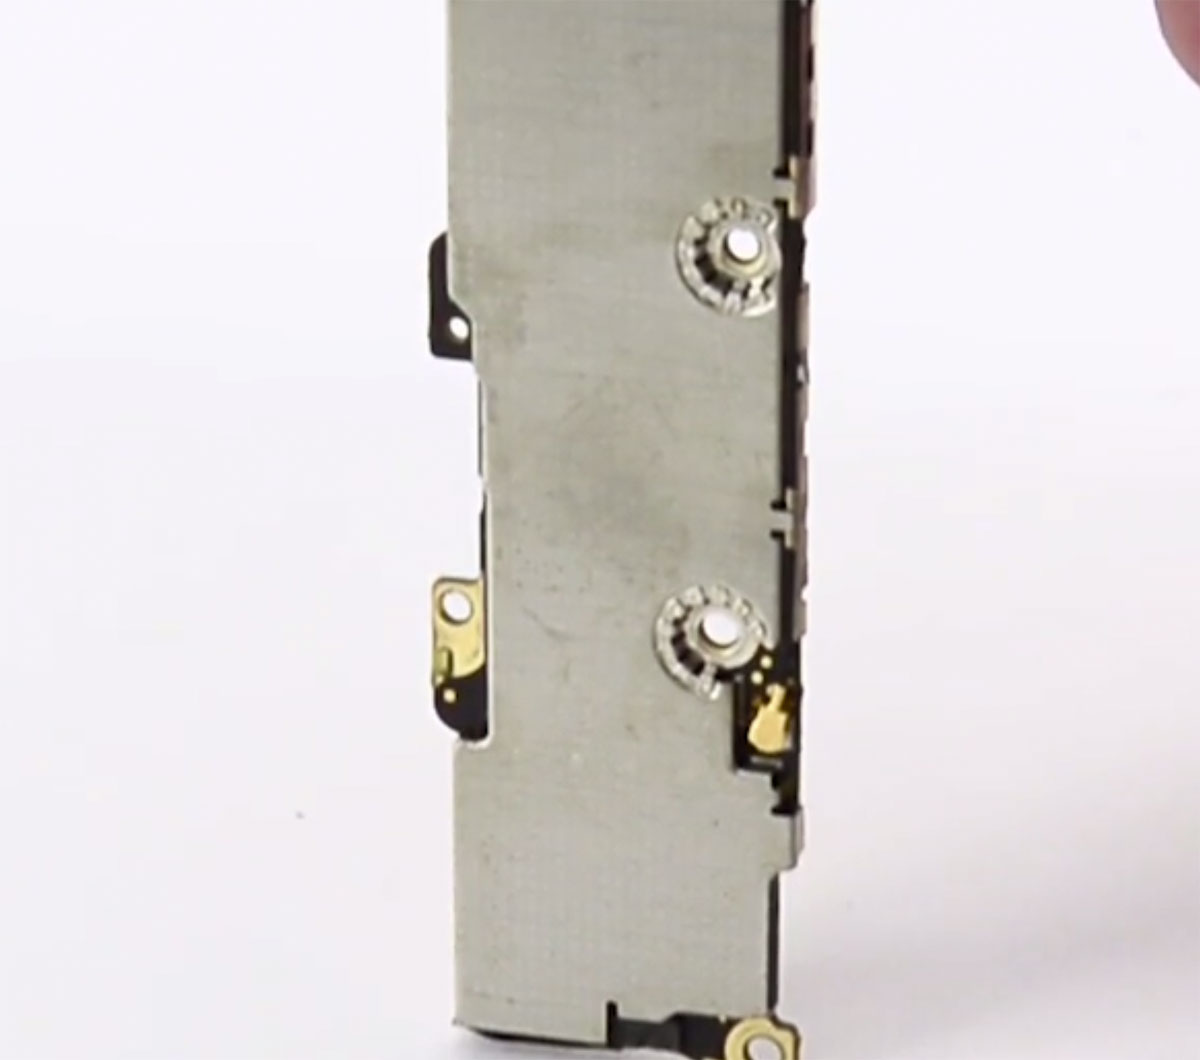 Placa base del iPhone 5S con su escudo de metal